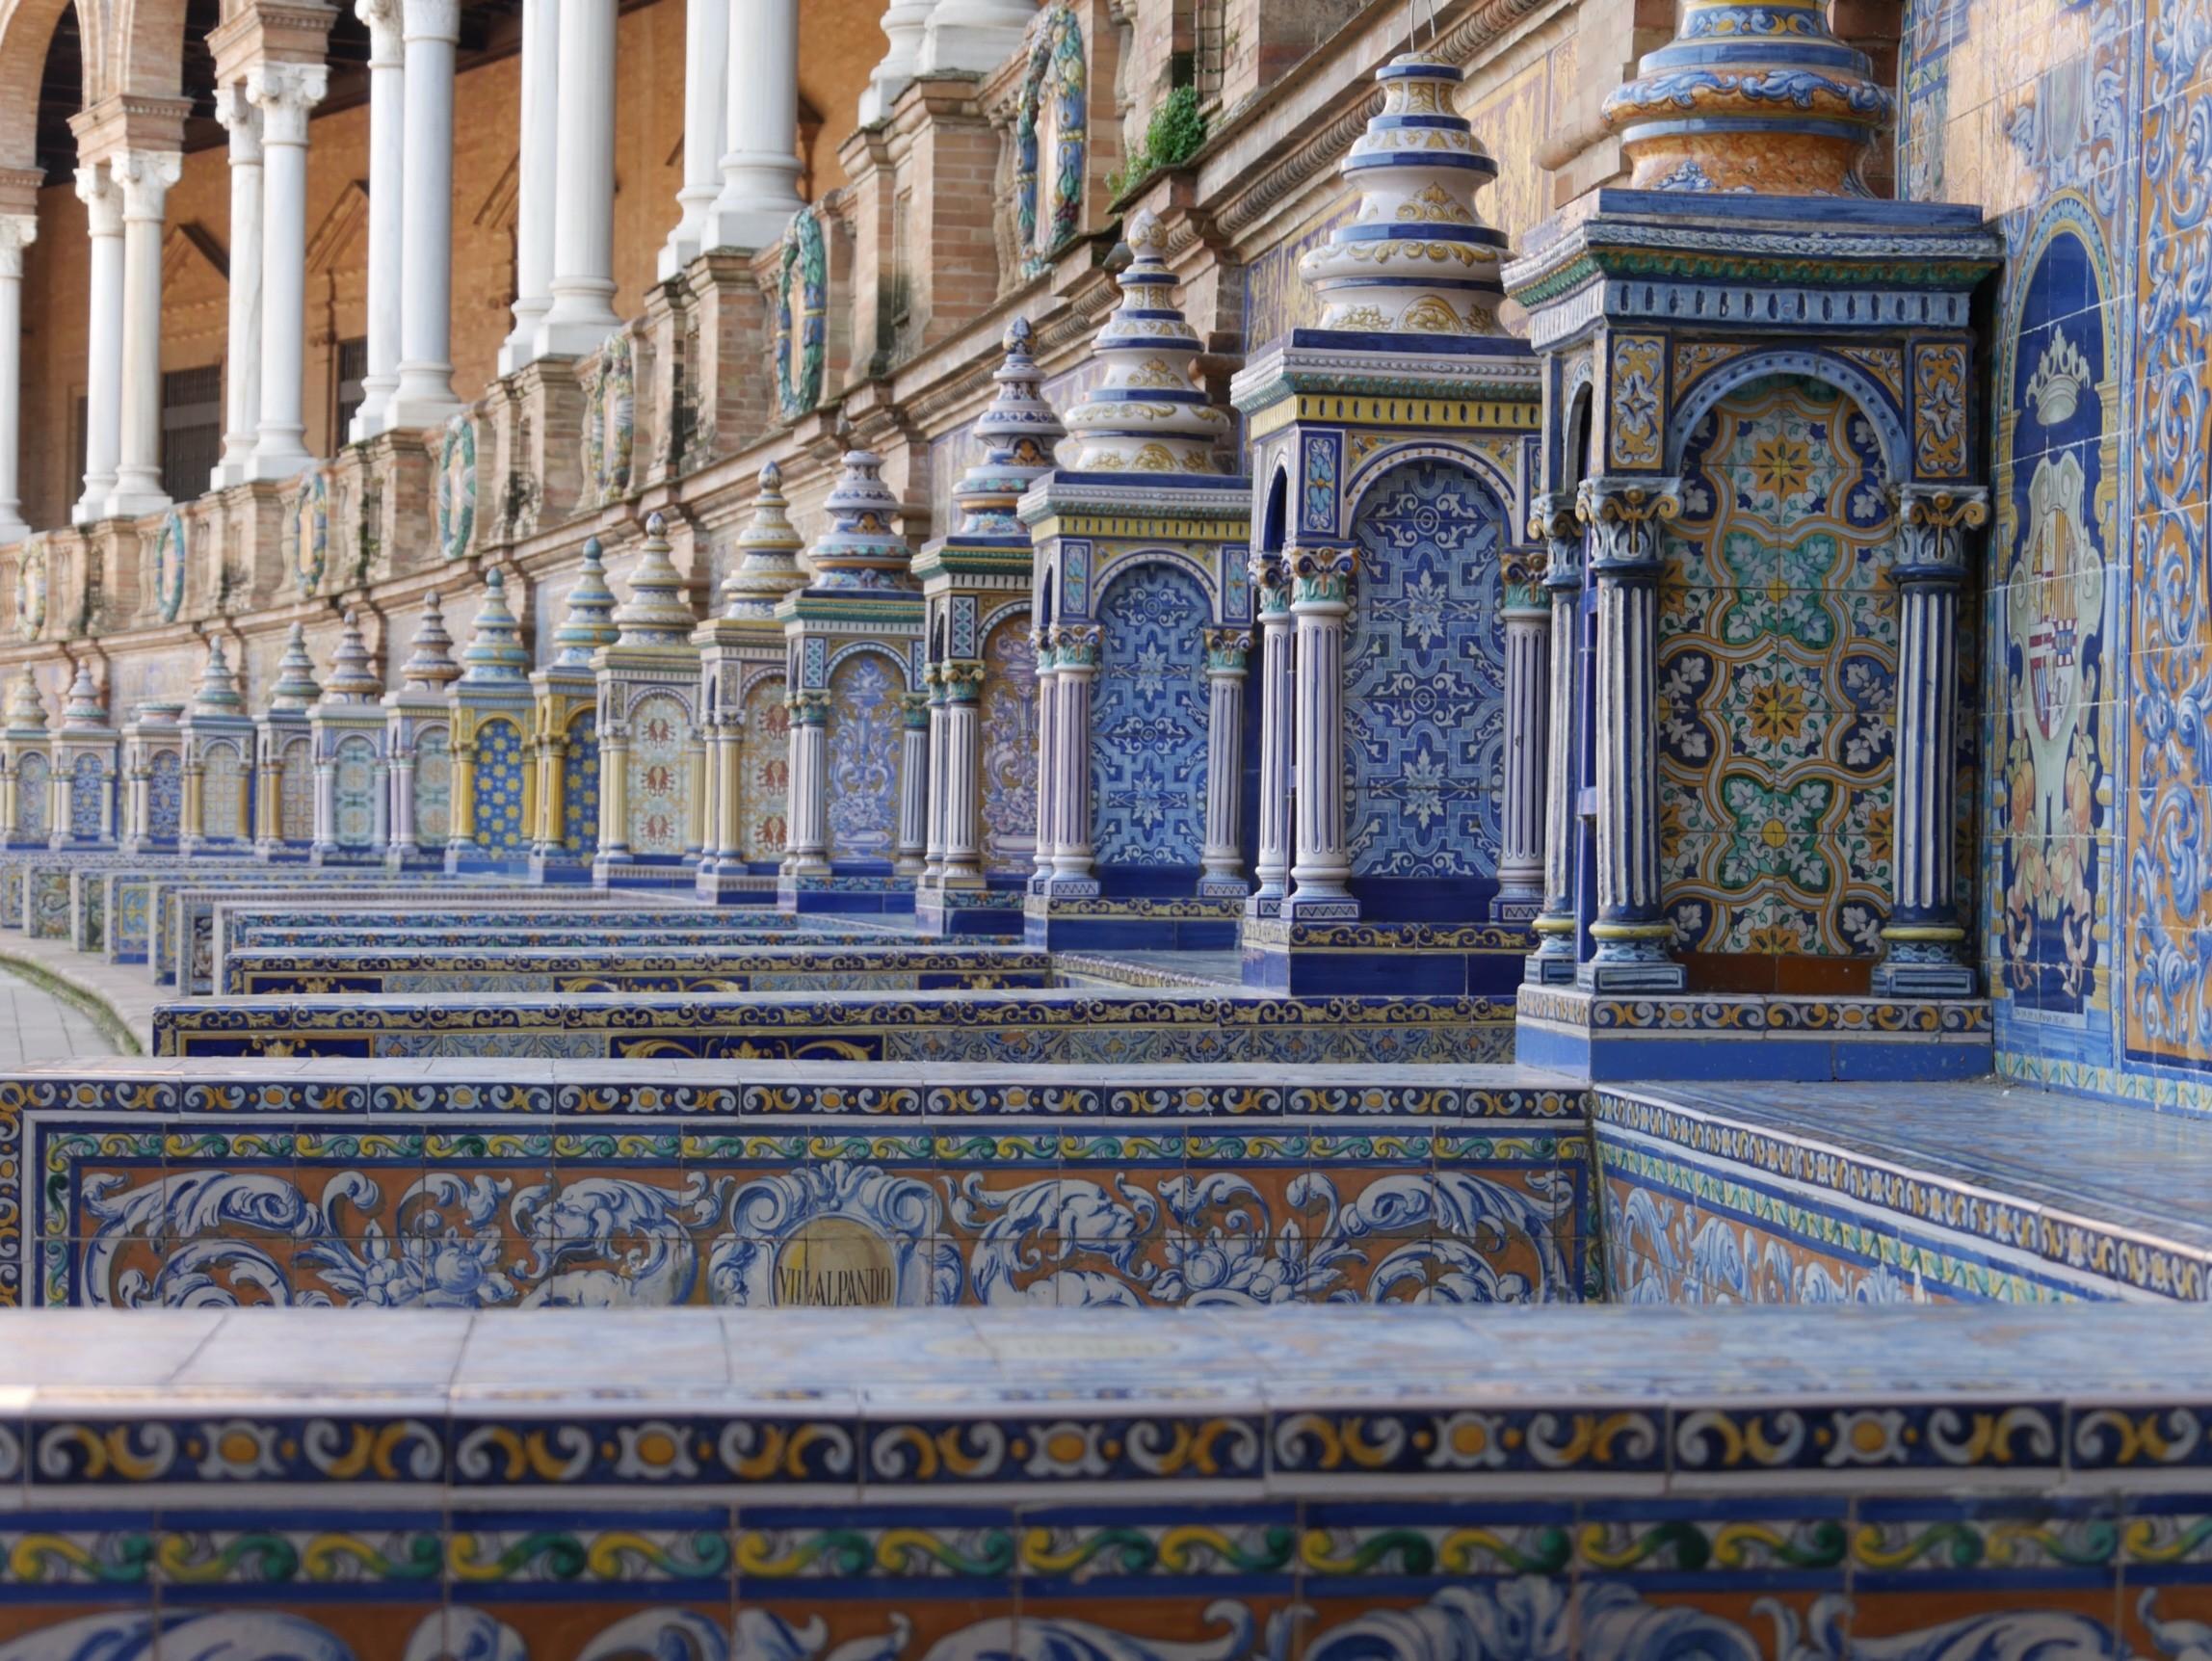 Dit zijn mijn favoriete steden in Spanje